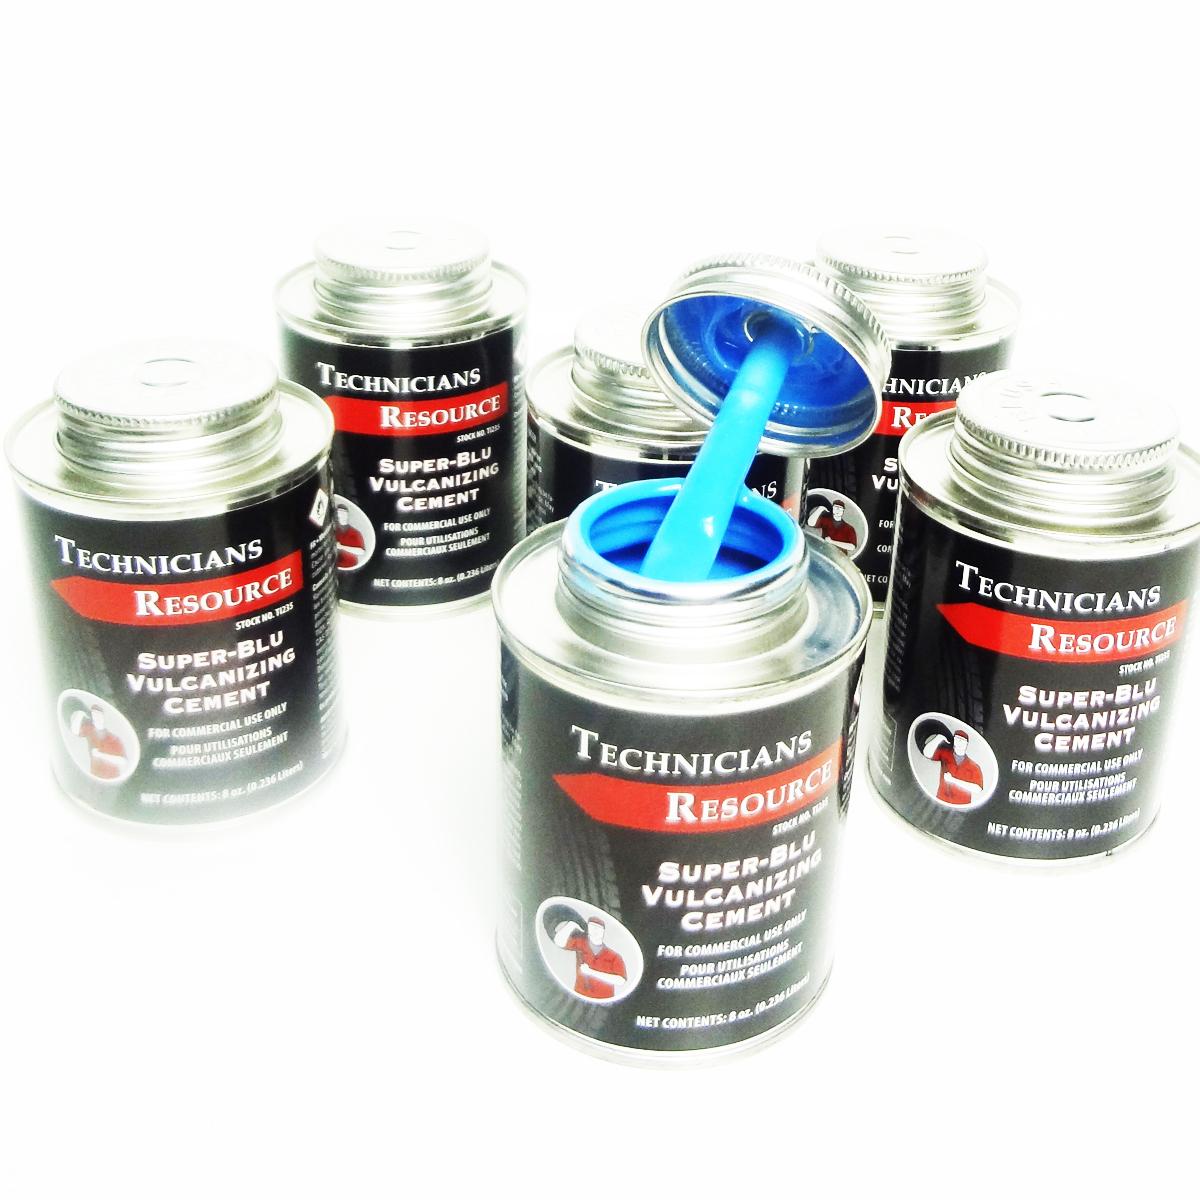 Hd Blue Vulcanizing Cement Tire Patch Glue 6pc